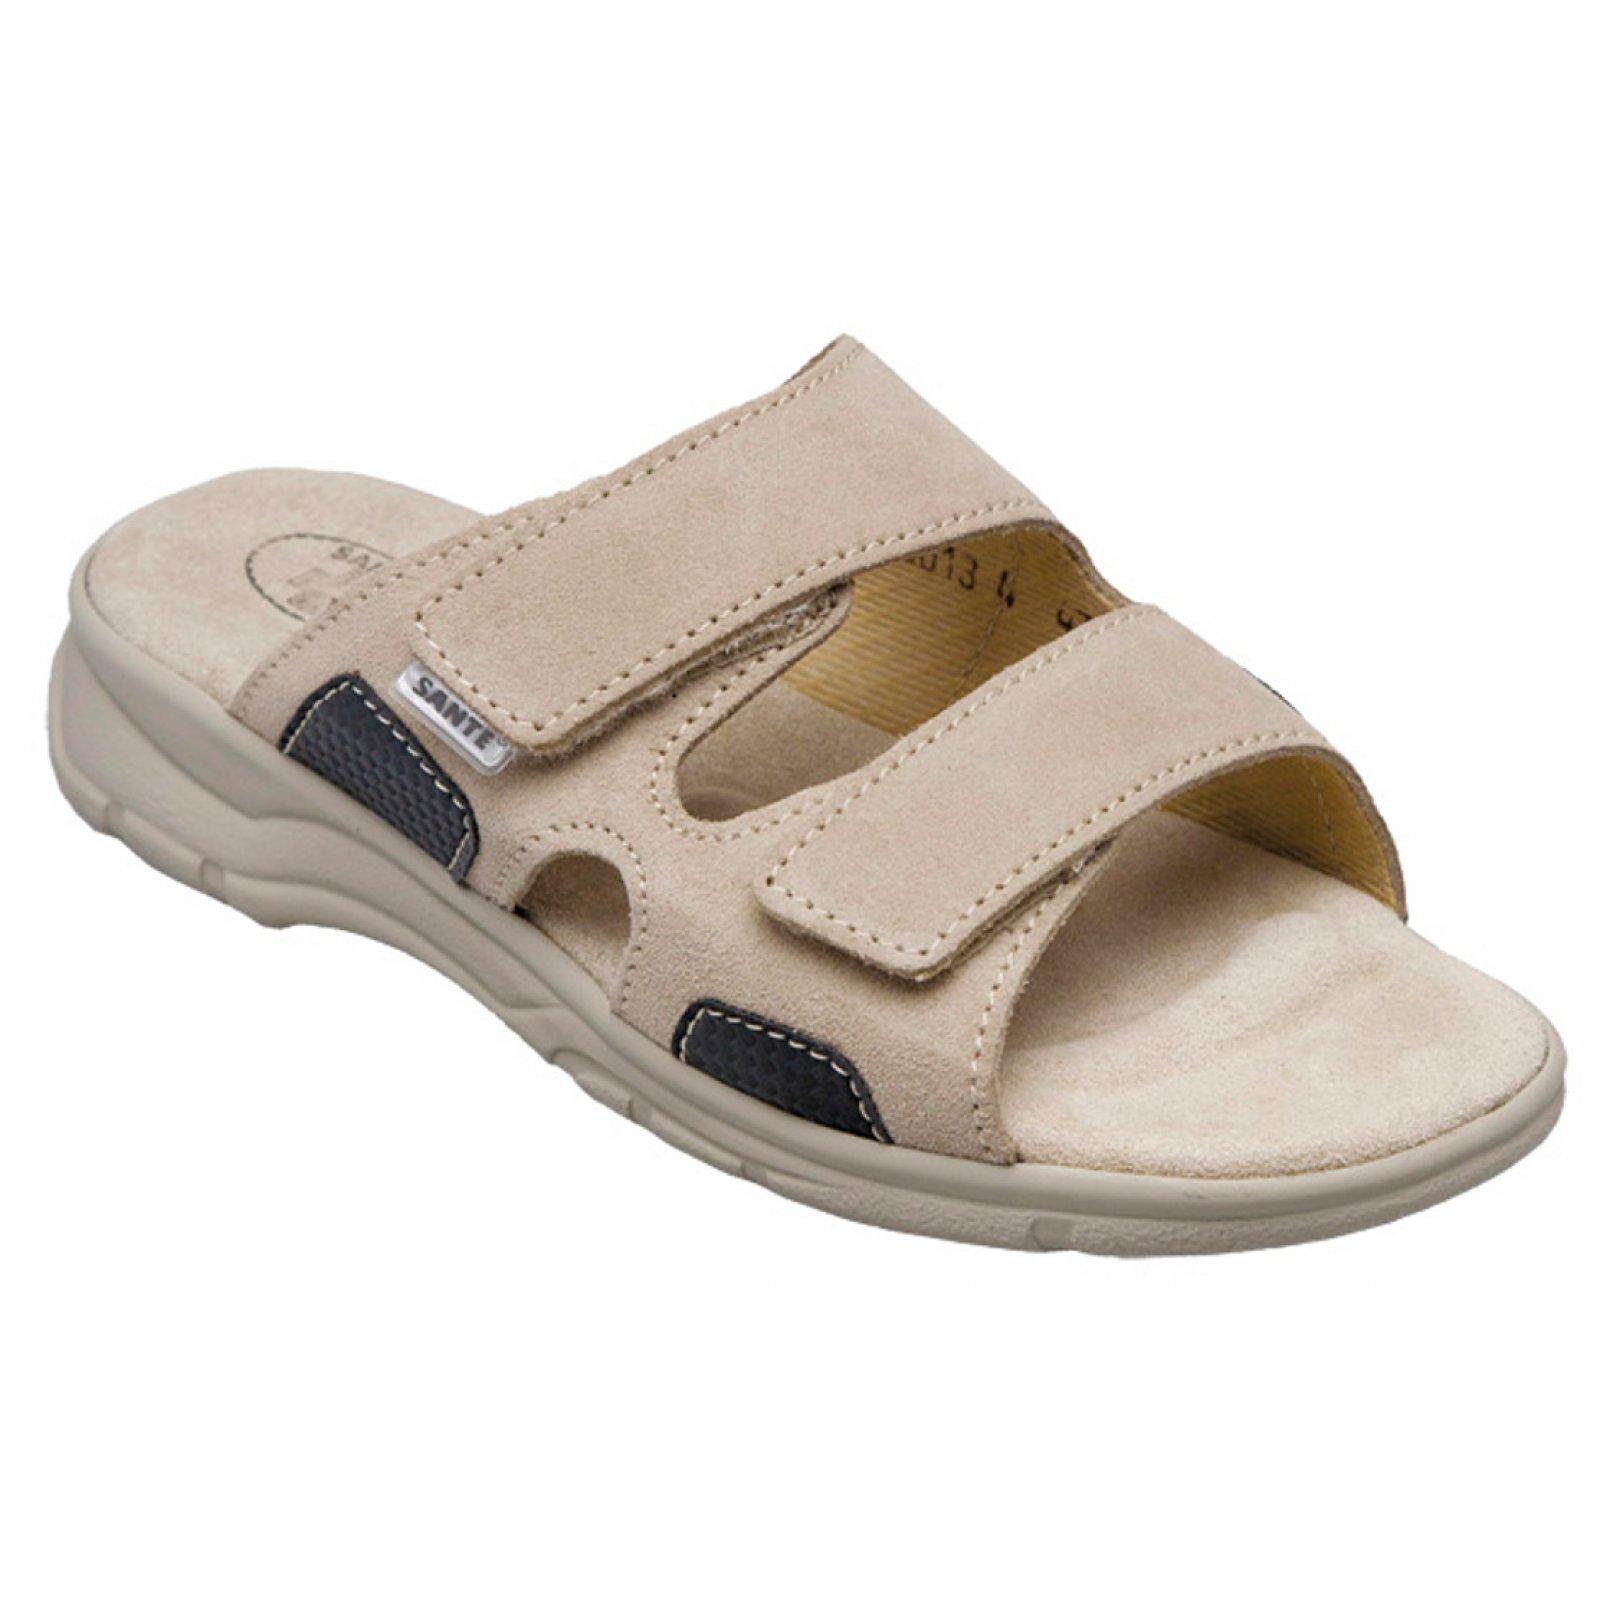 dámské pantofle Santé 471 1 28 béžové - KARS a7a14d81ac